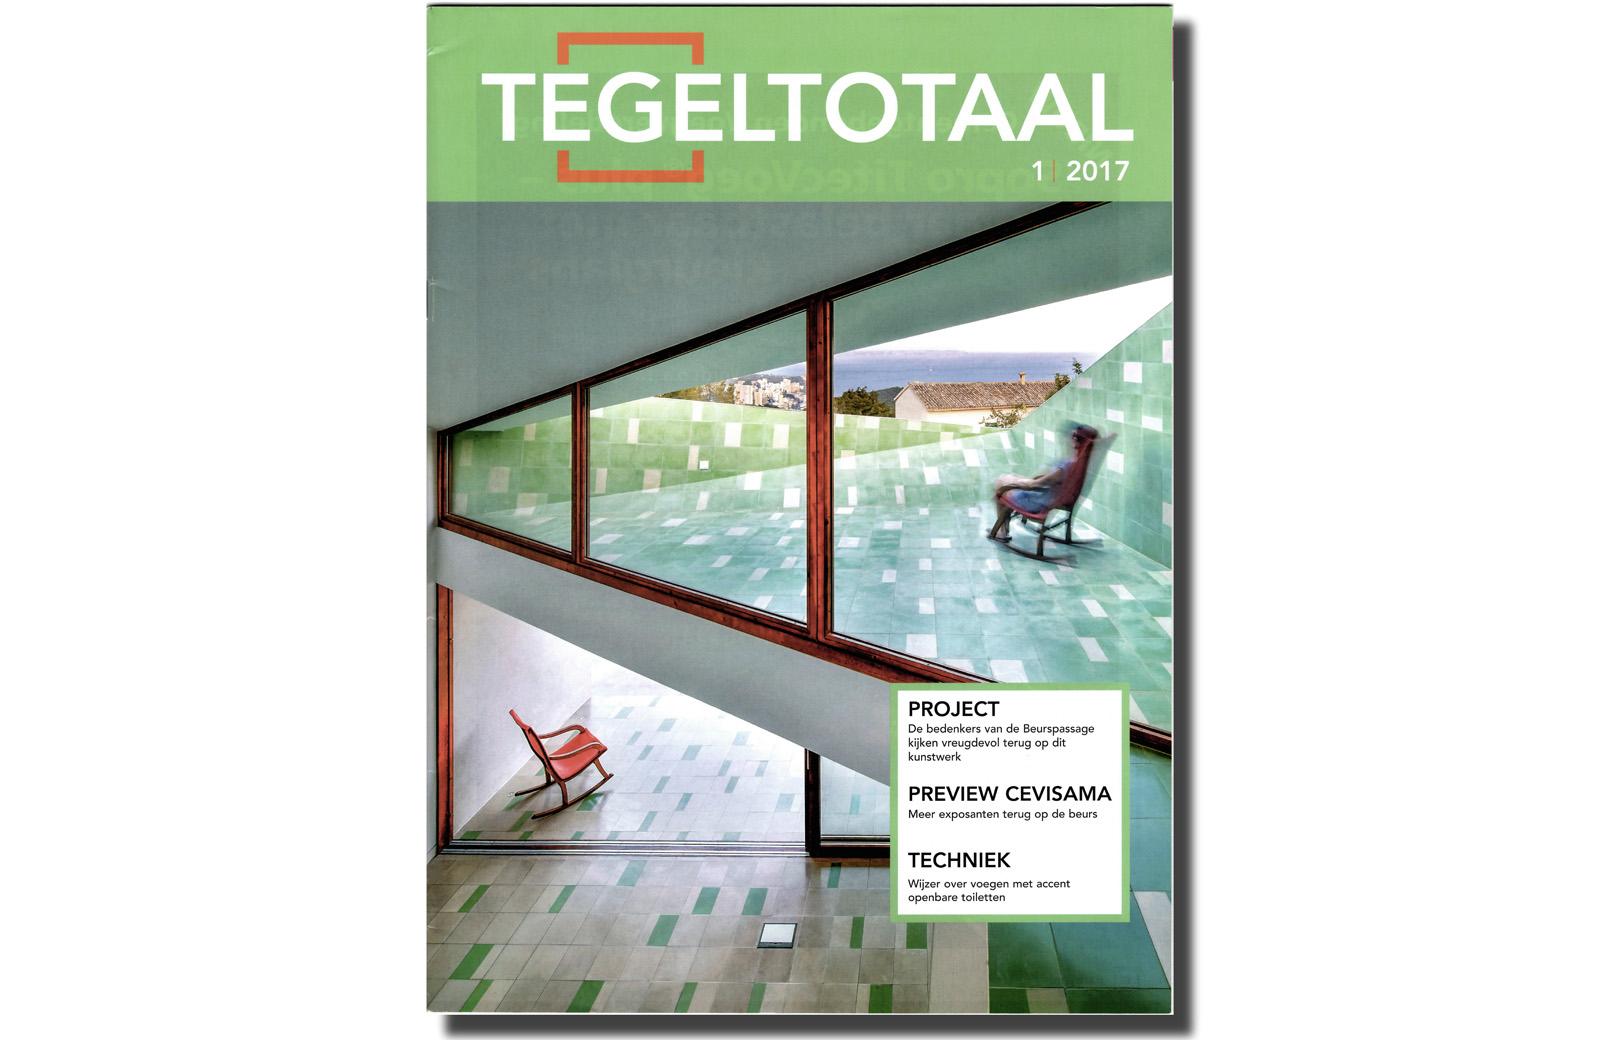 tegeltotaal_mm-house-01